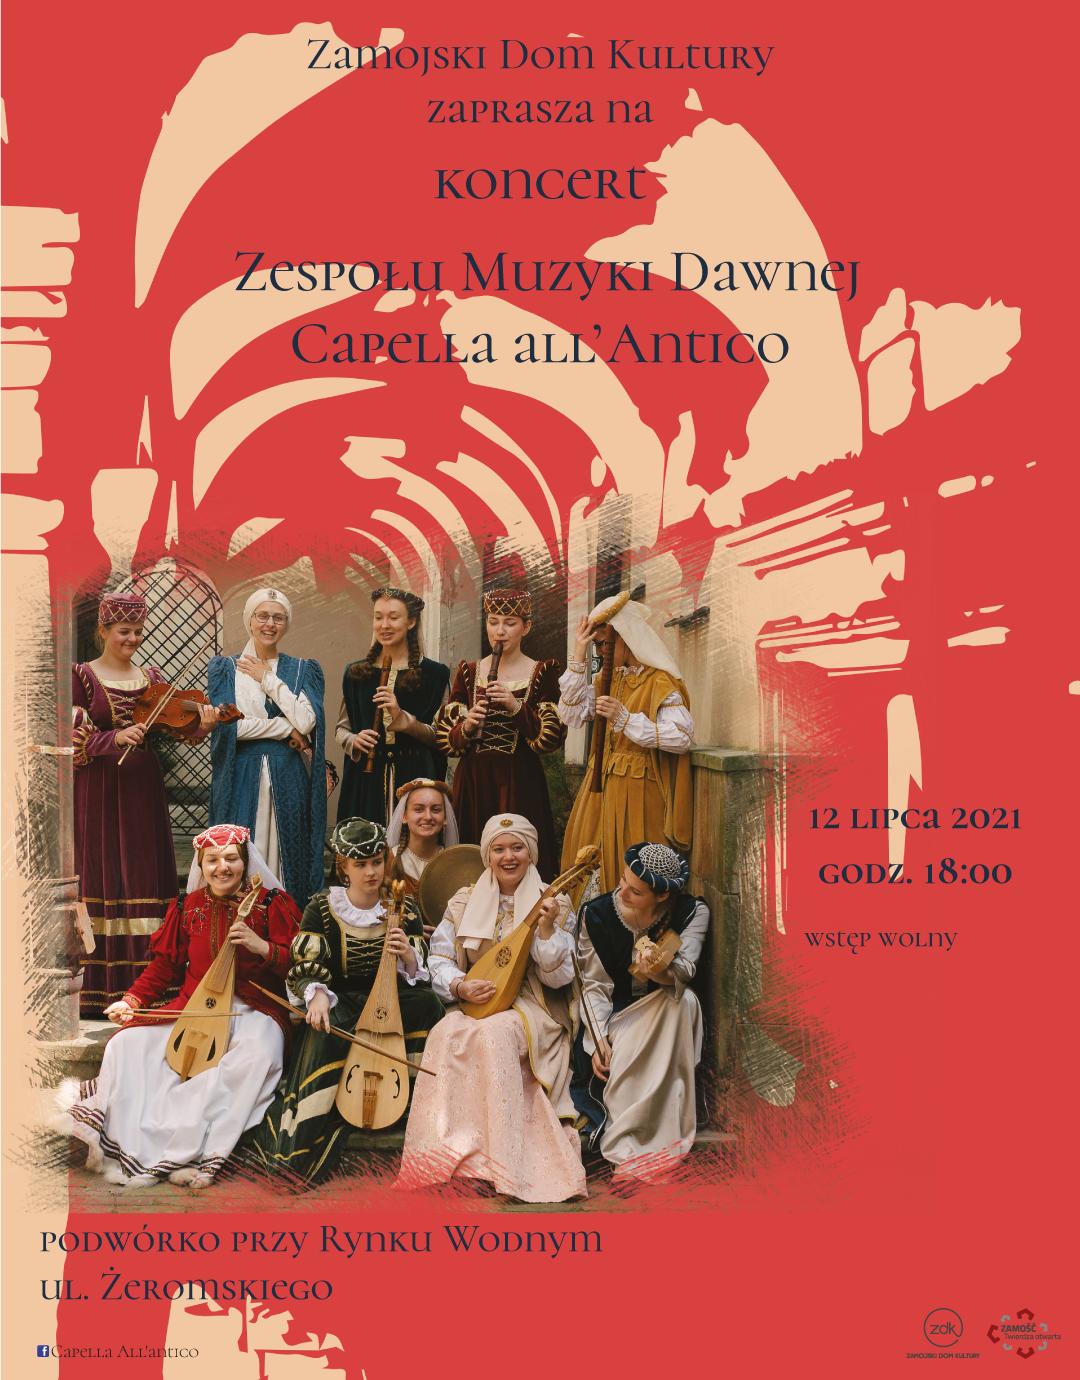 insta post capella ZAMOŚĆ: Klimatyczny, kameralny koncert Capelli all'Antico